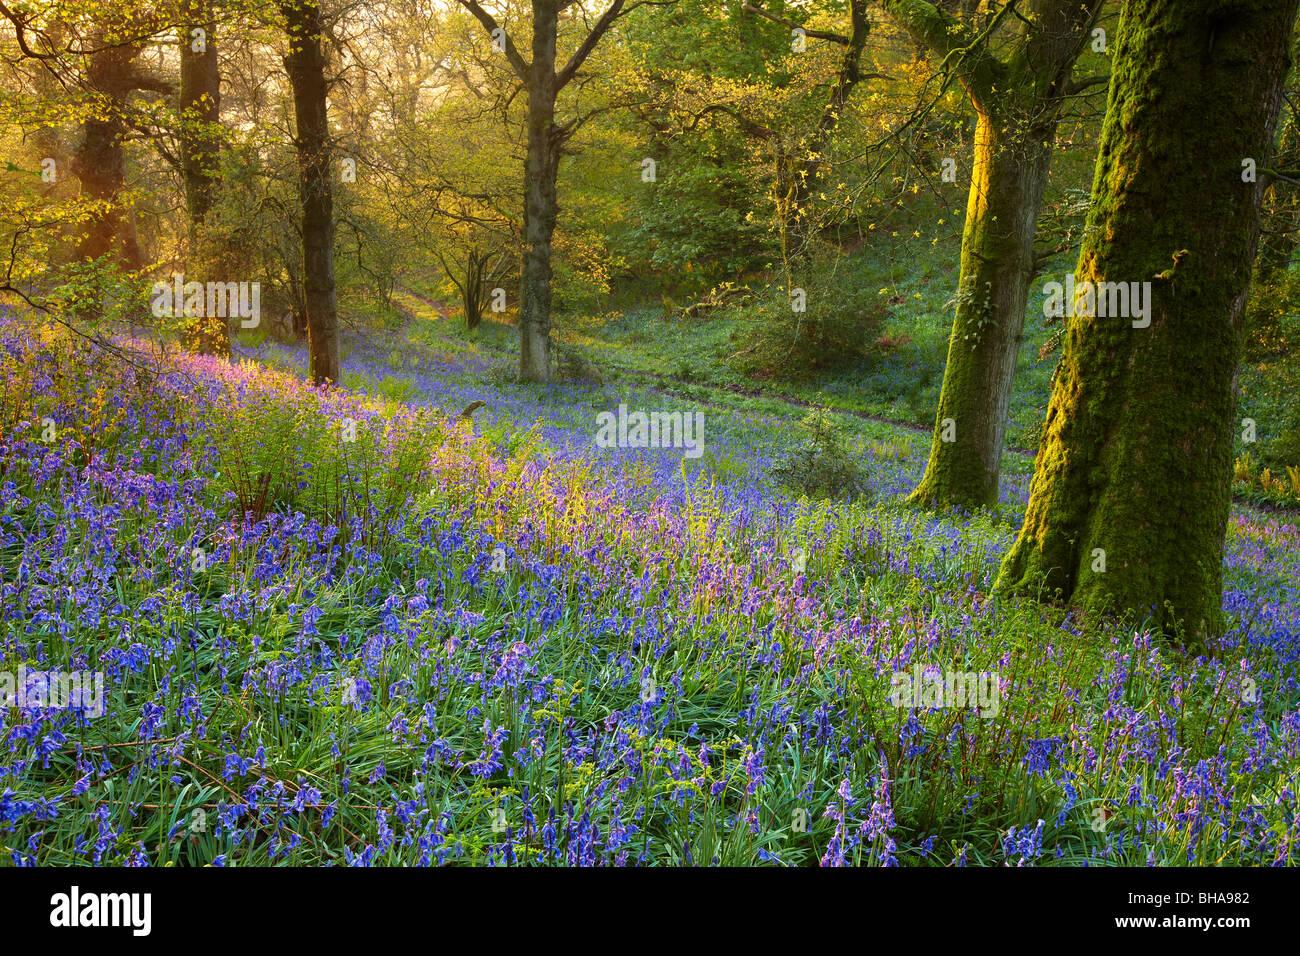 Amanecer en la bluebell woods en Batcombe, Dorset, Inglaterra, Reino Unido. Imagen De Stock